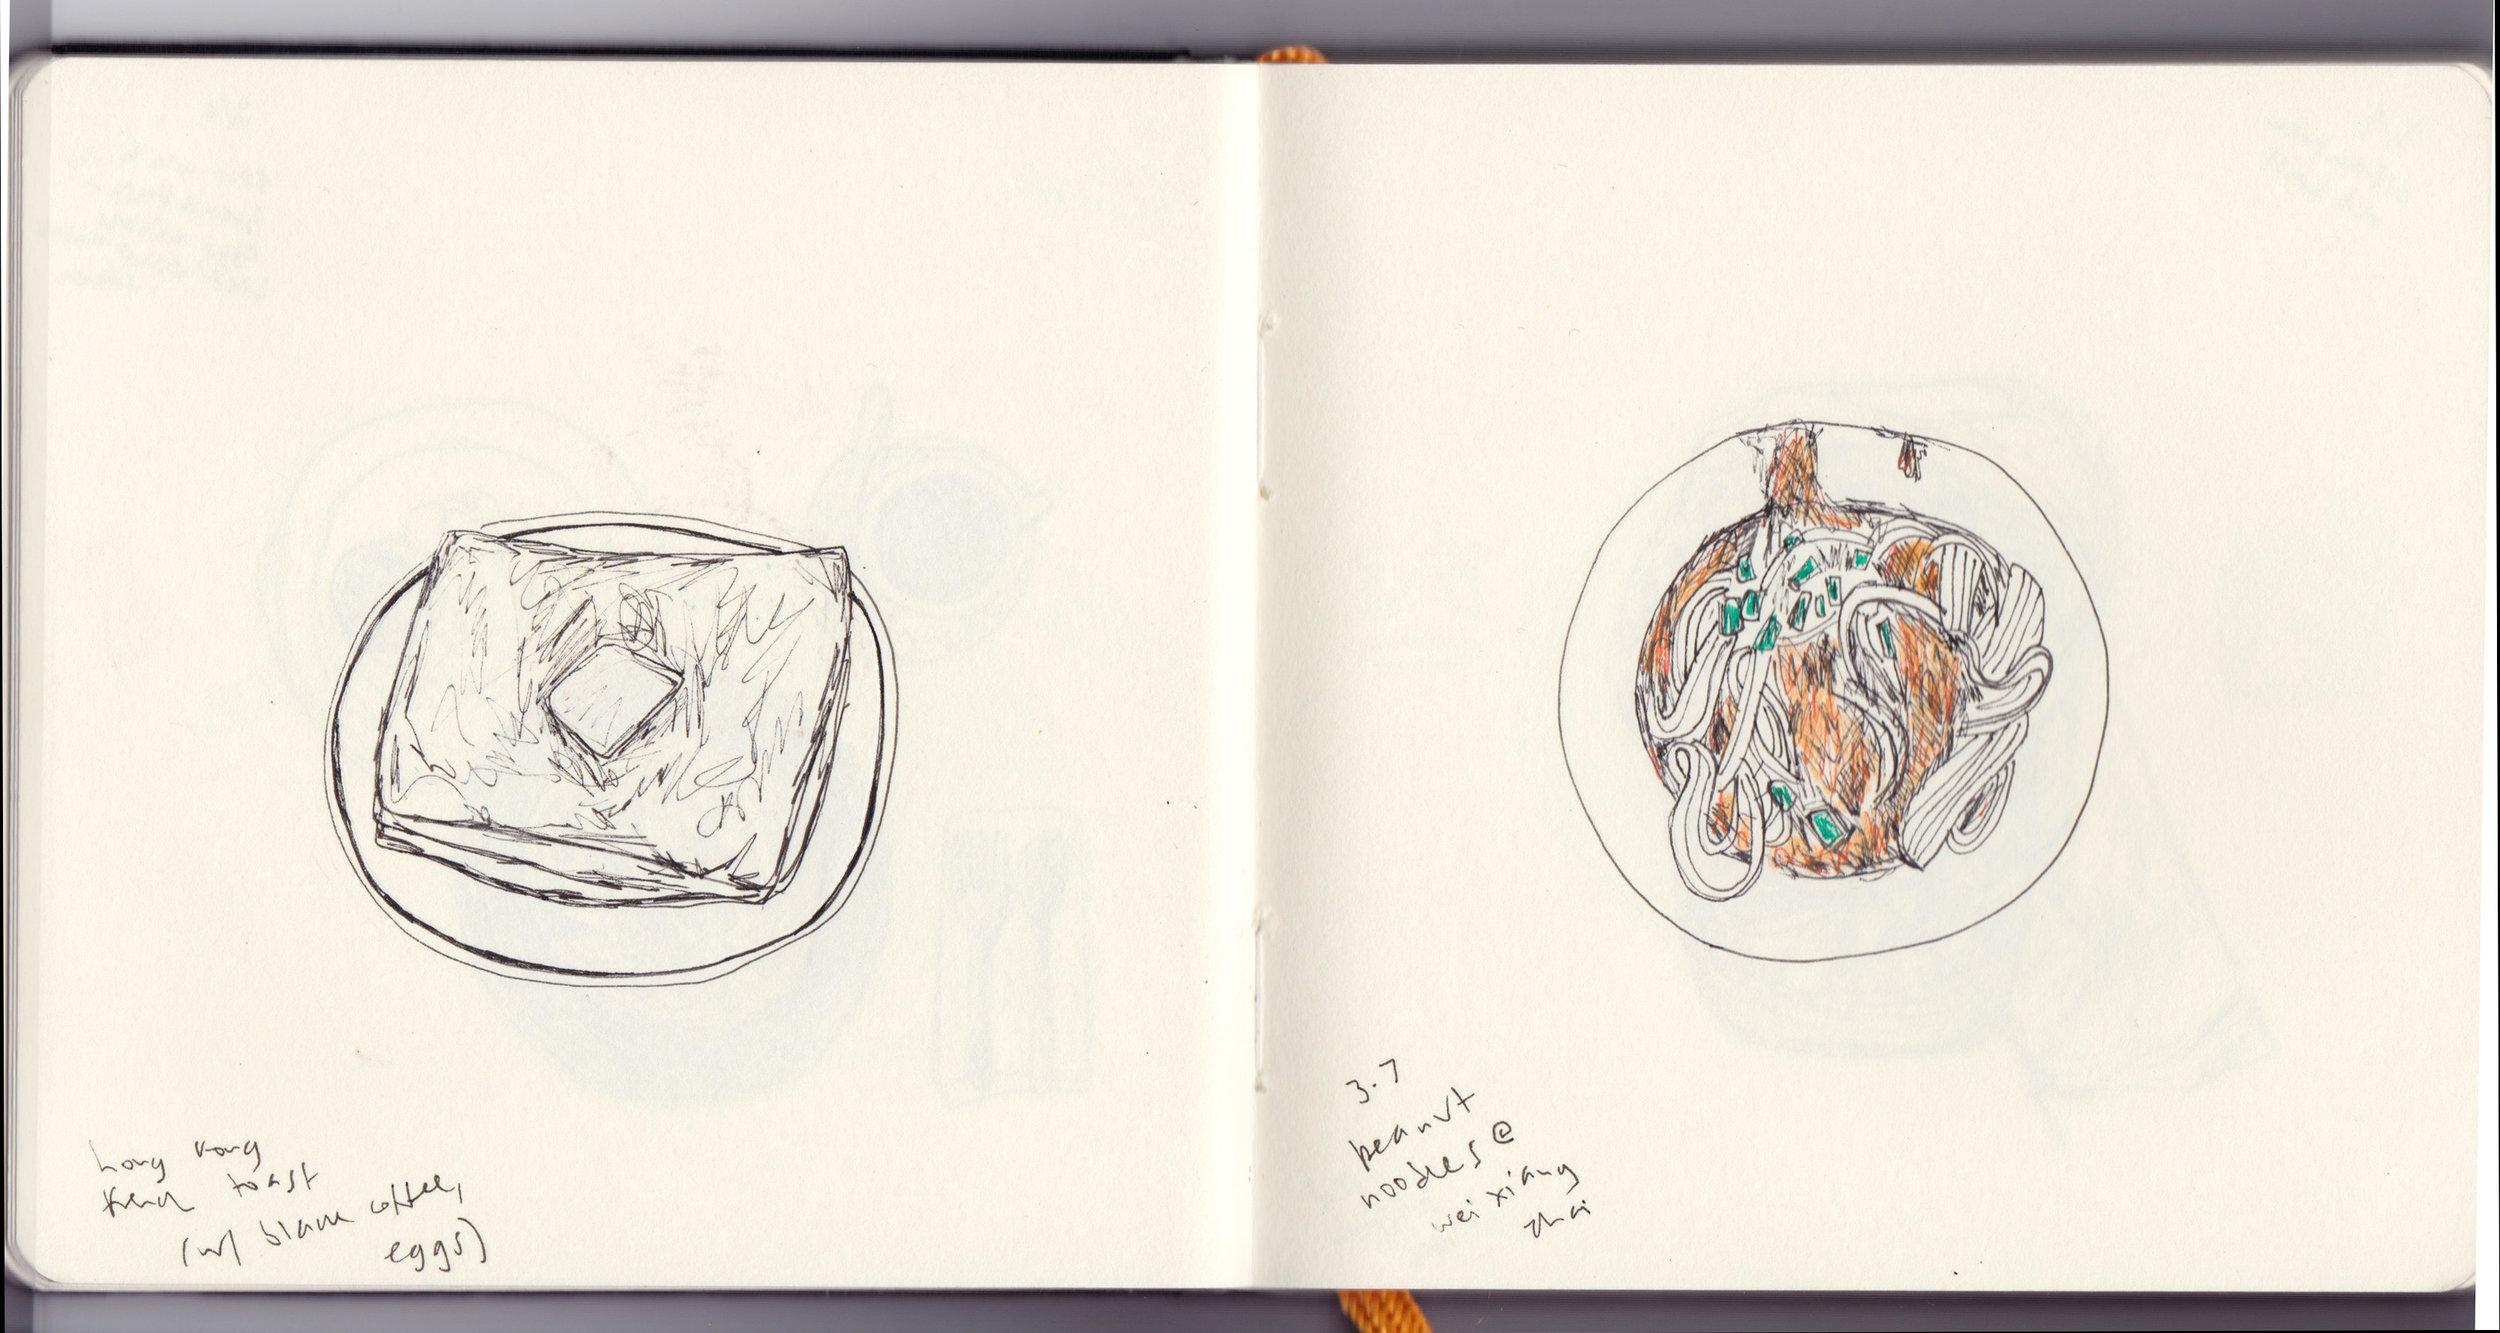 Sketchbook, China